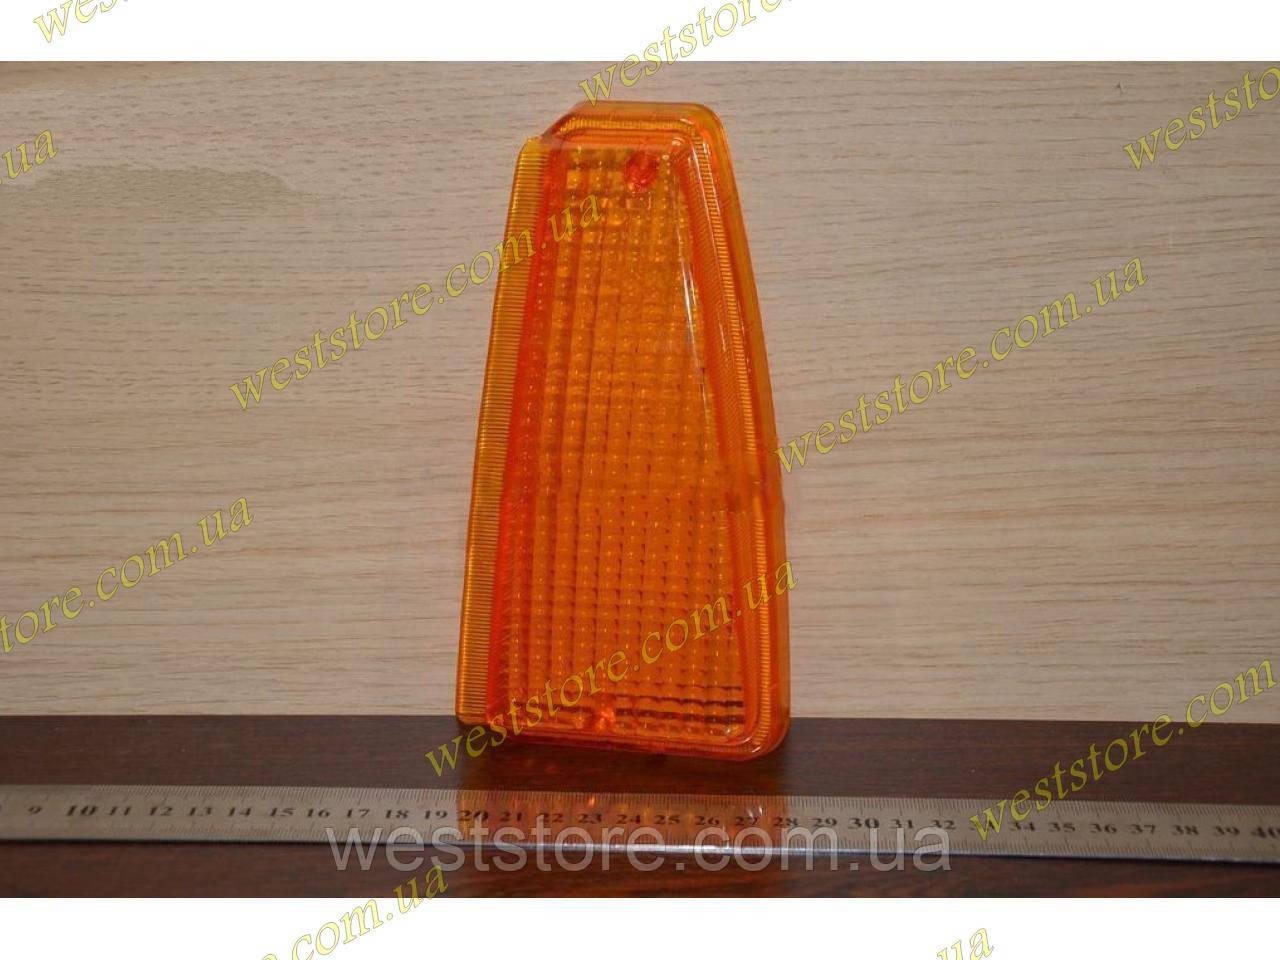 Рассеиватель поворотника (стекло) переднего Ваз 2108  2109 21099 левый желтый